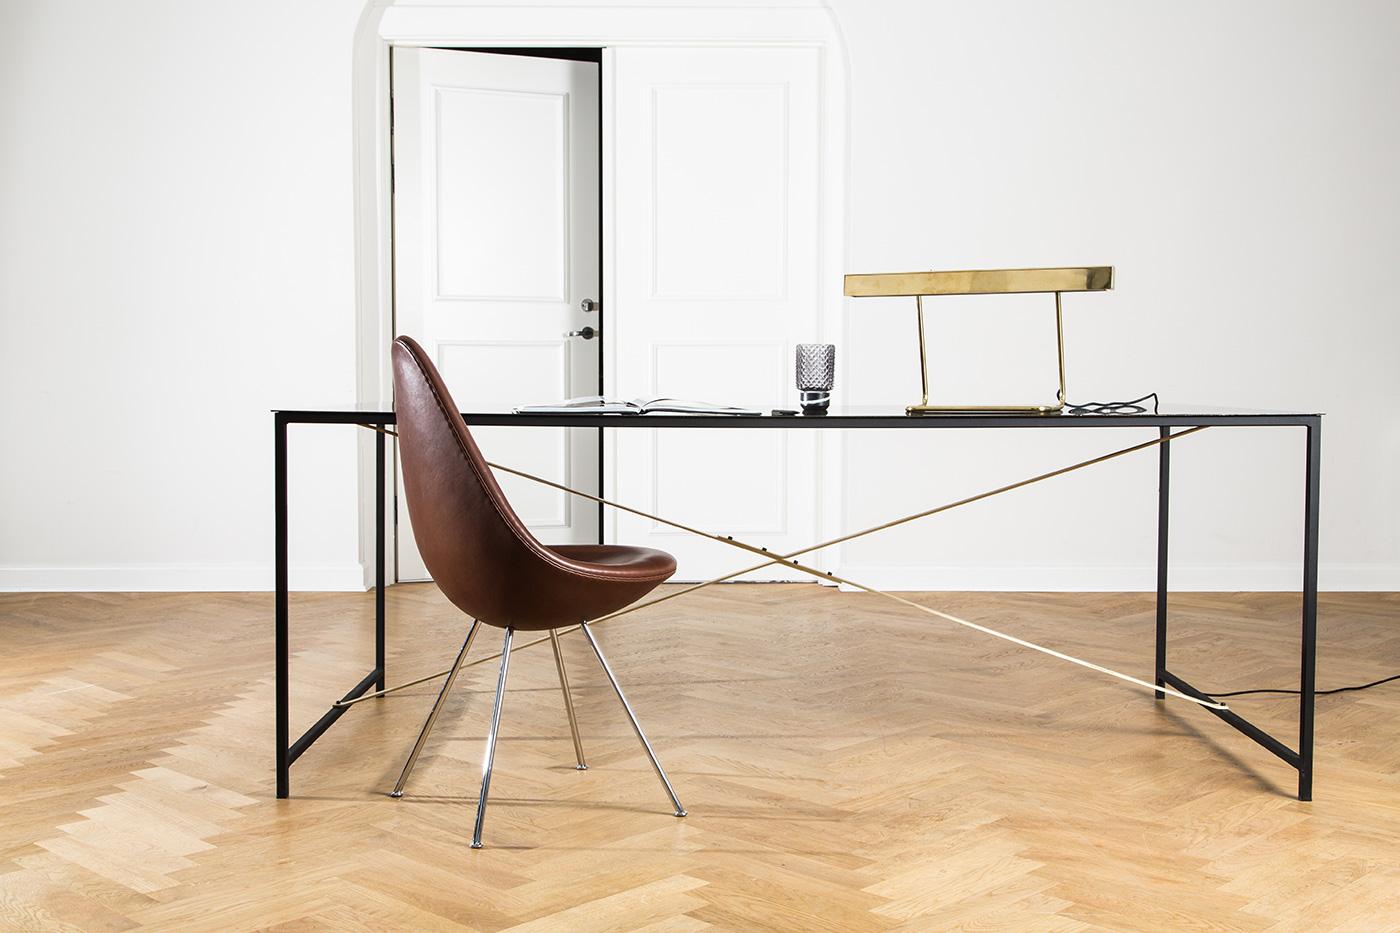 T-Modell Tischleuchte Messing von Anour